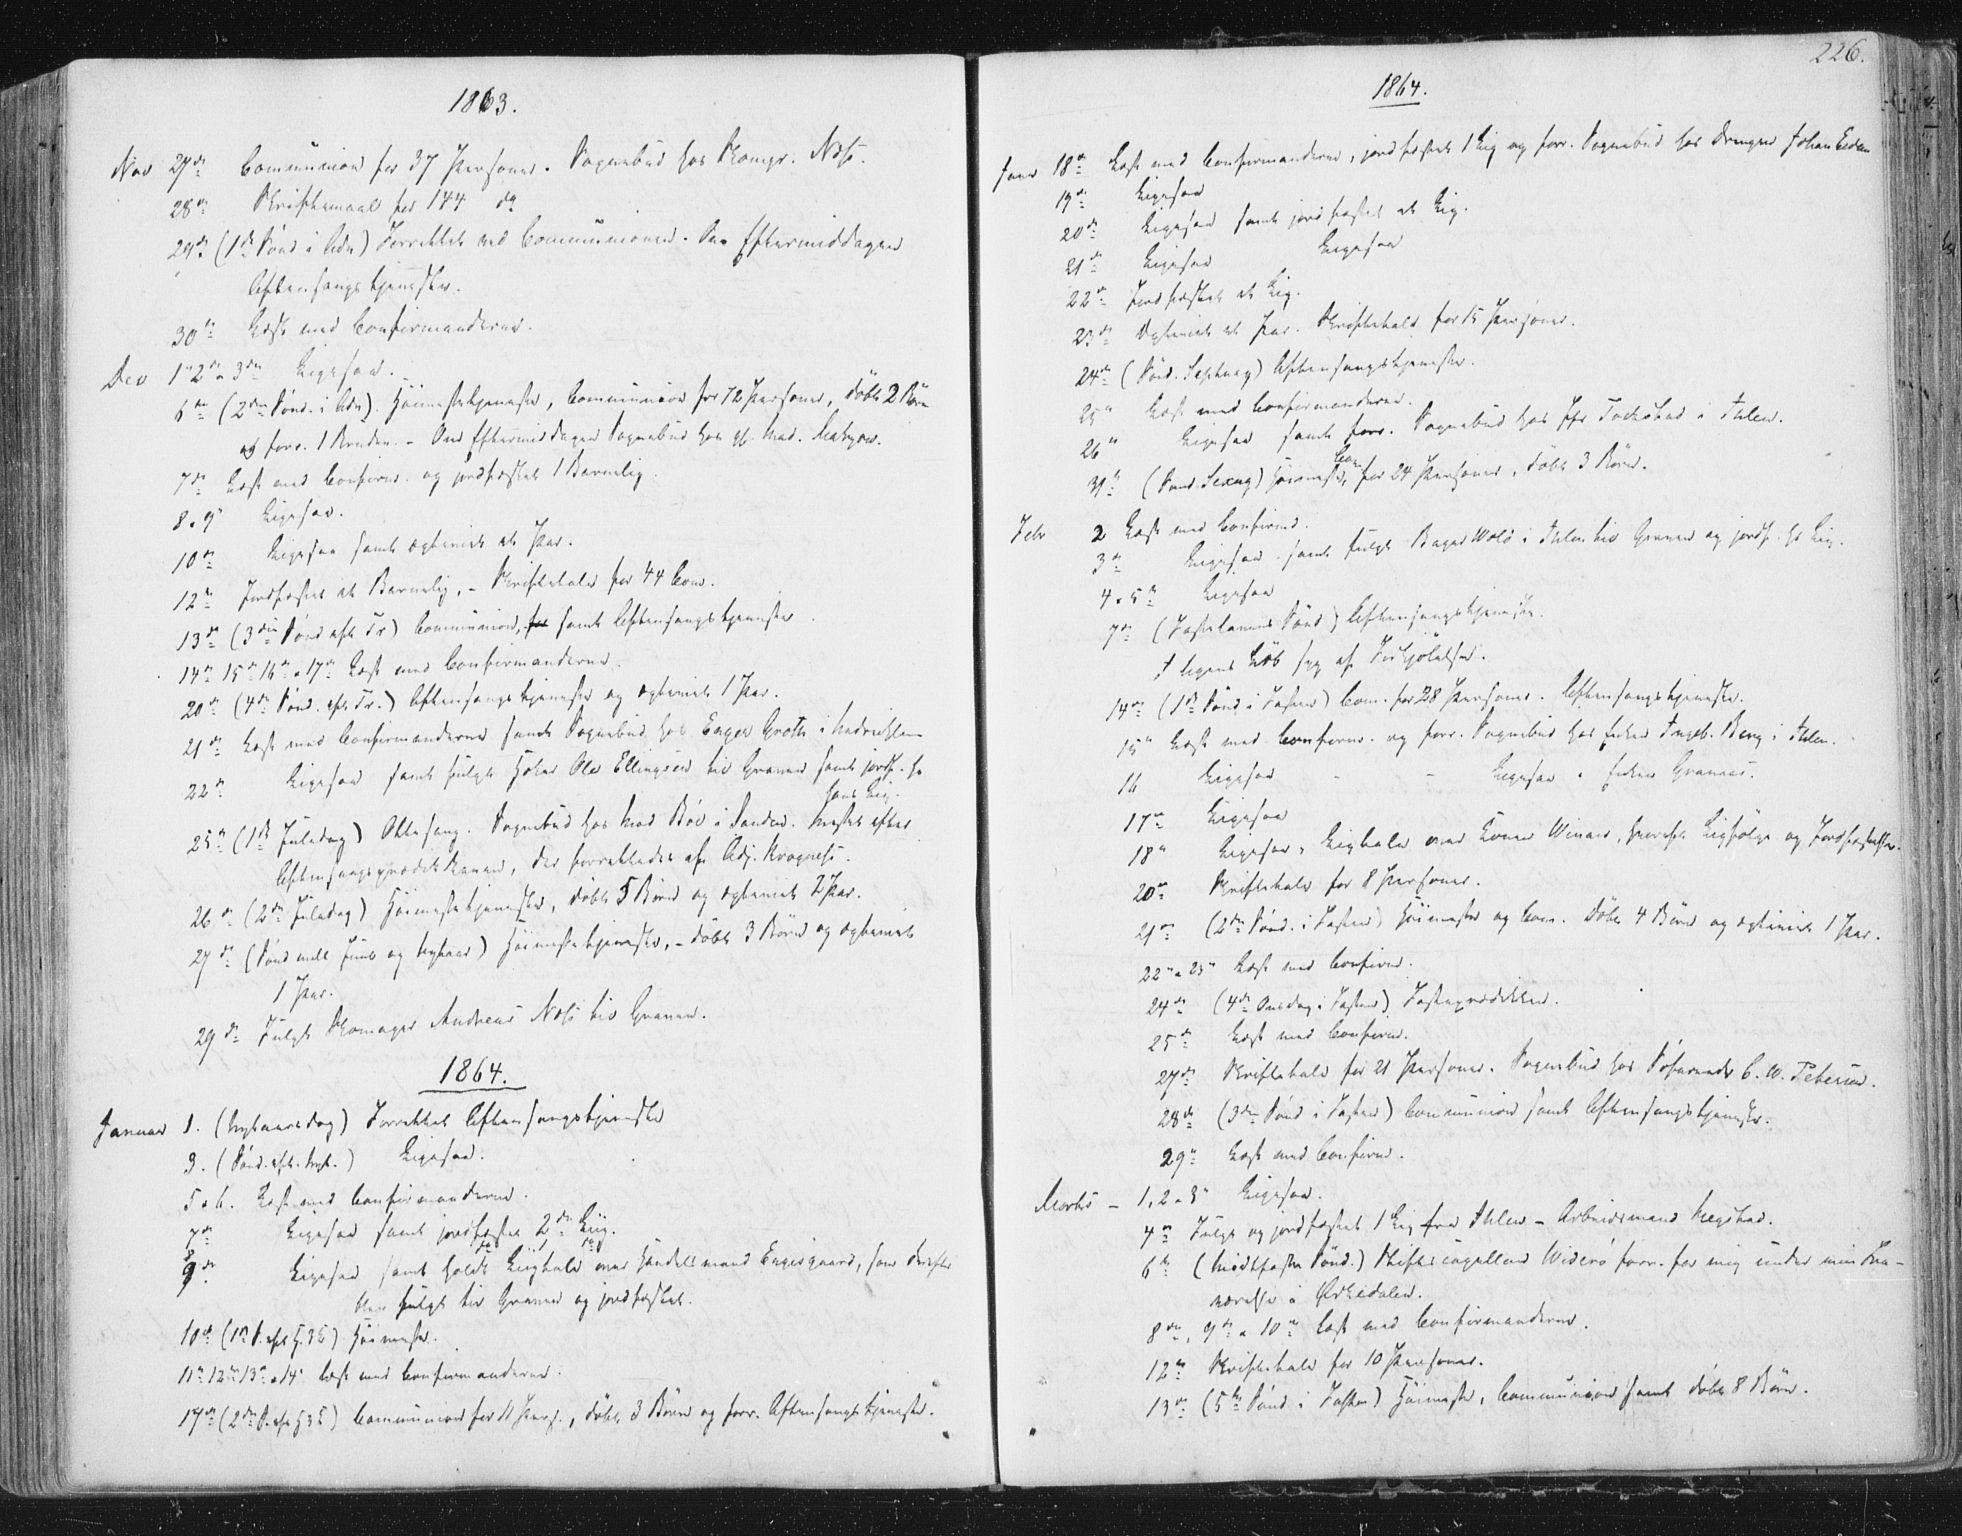 SAT, Ministerialprotokoller, klokkerbøker og fødselsregistre - Sør-Trøndelag, 602/L0127: Residerende kapellans bok nr. 602B01, 1821-1875, s. 226